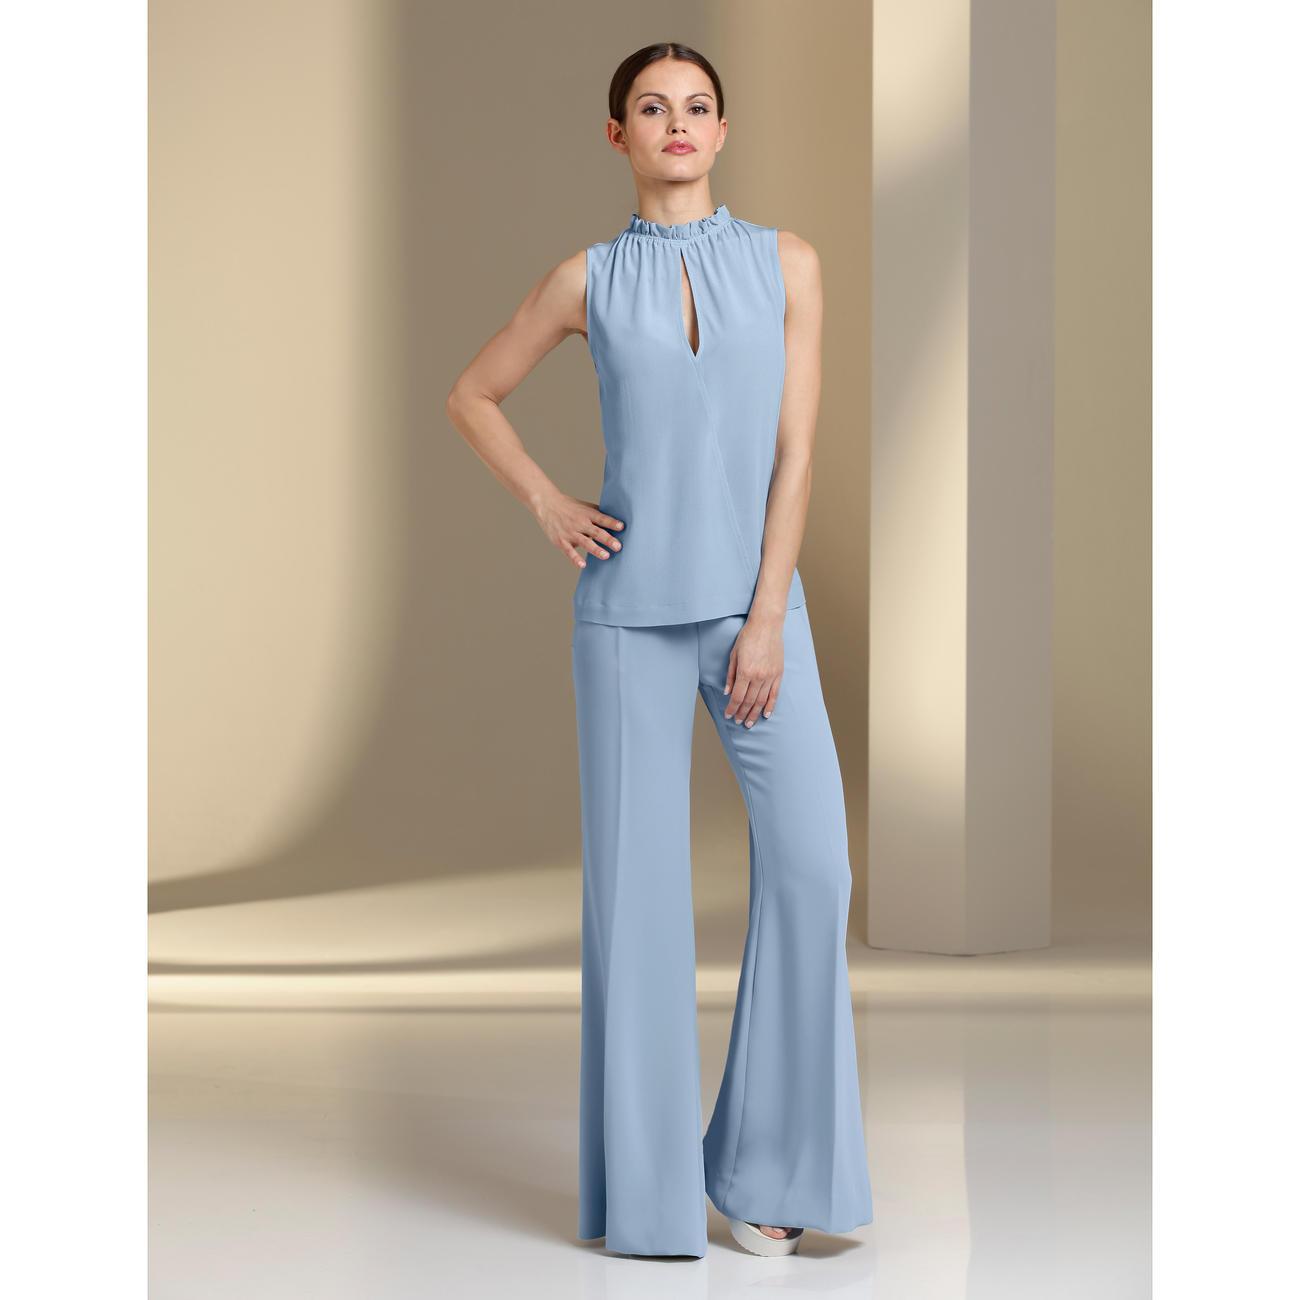 Weite palazzo hose – Fashion of Fashion Hosen in dieser Saison